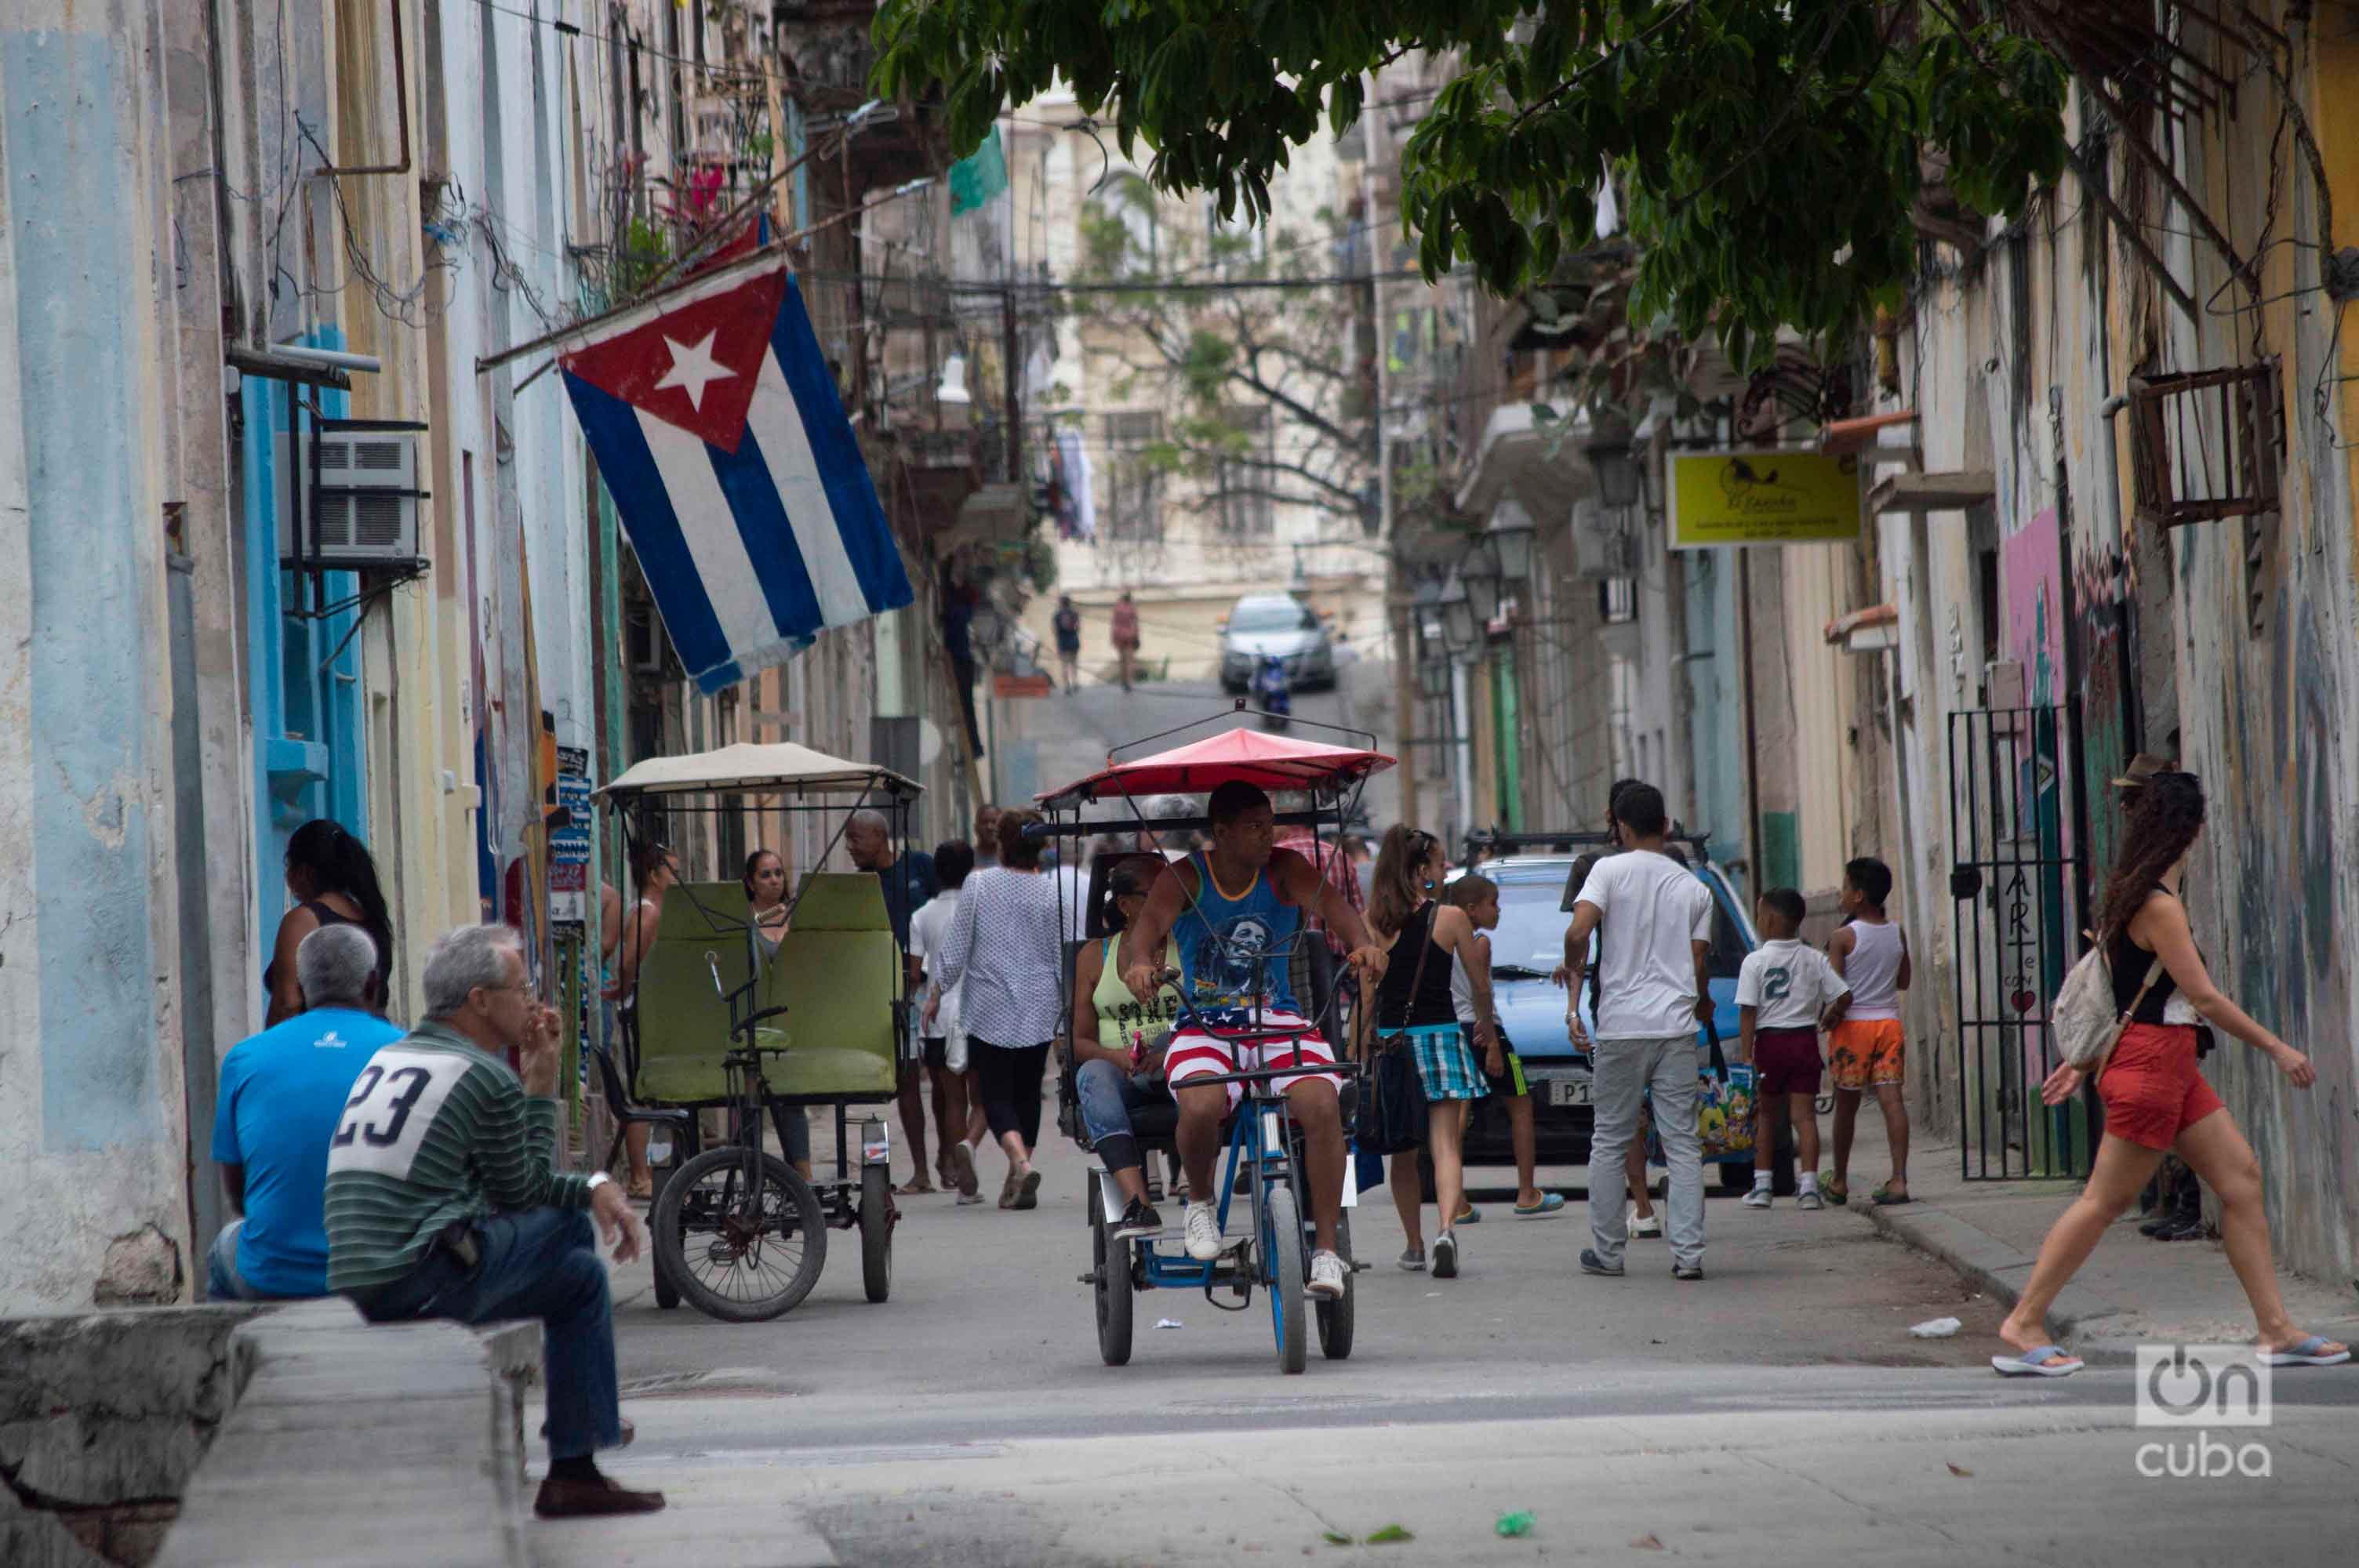 Cuba2019_8